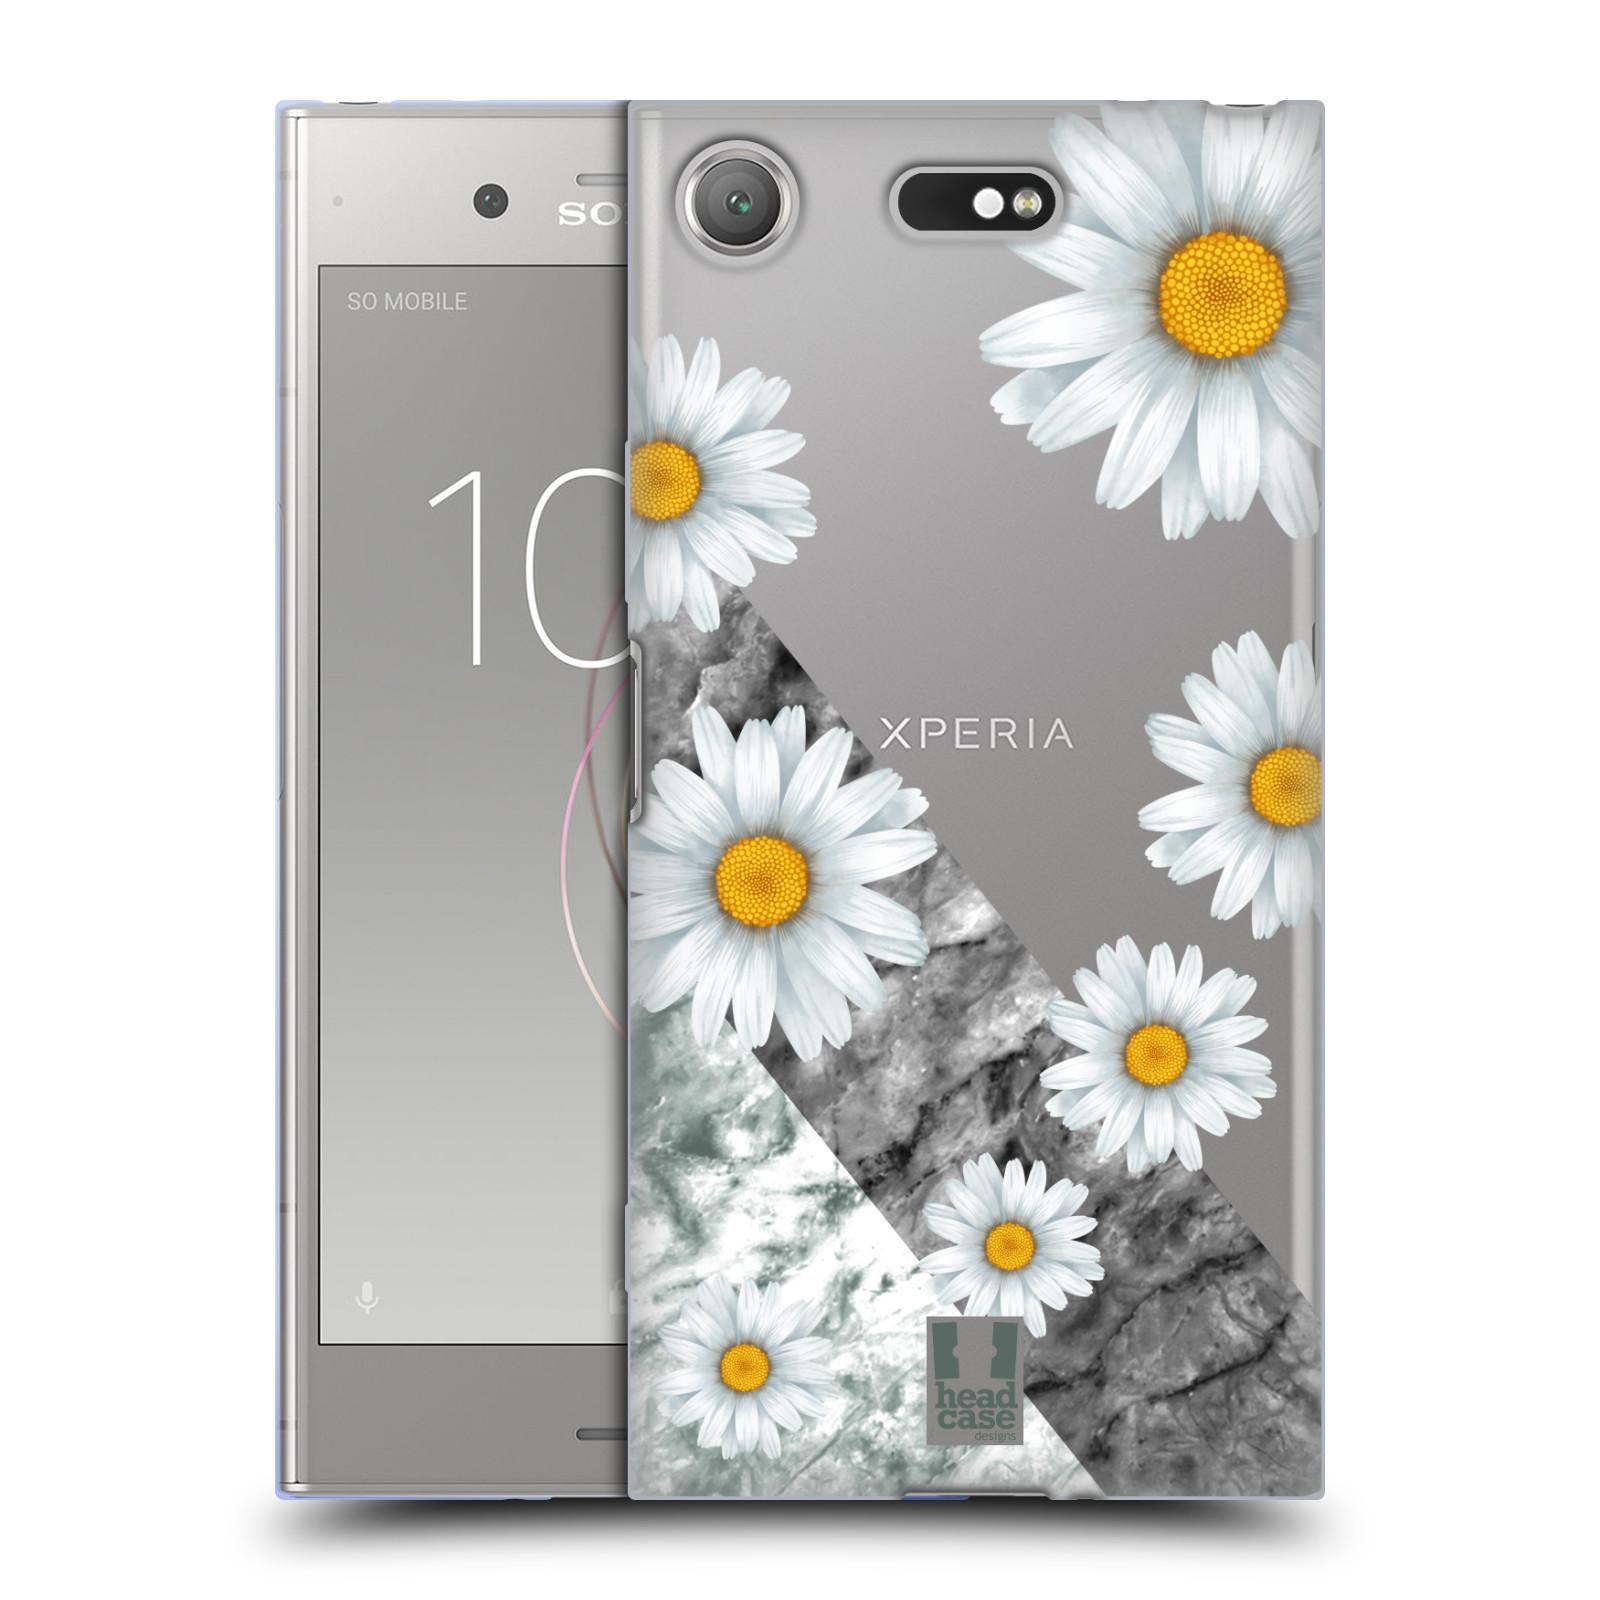 Silikonové pouzdro na mobil Sony Xperia XZ1 Compact - Head Case - Kopretiny a mramor